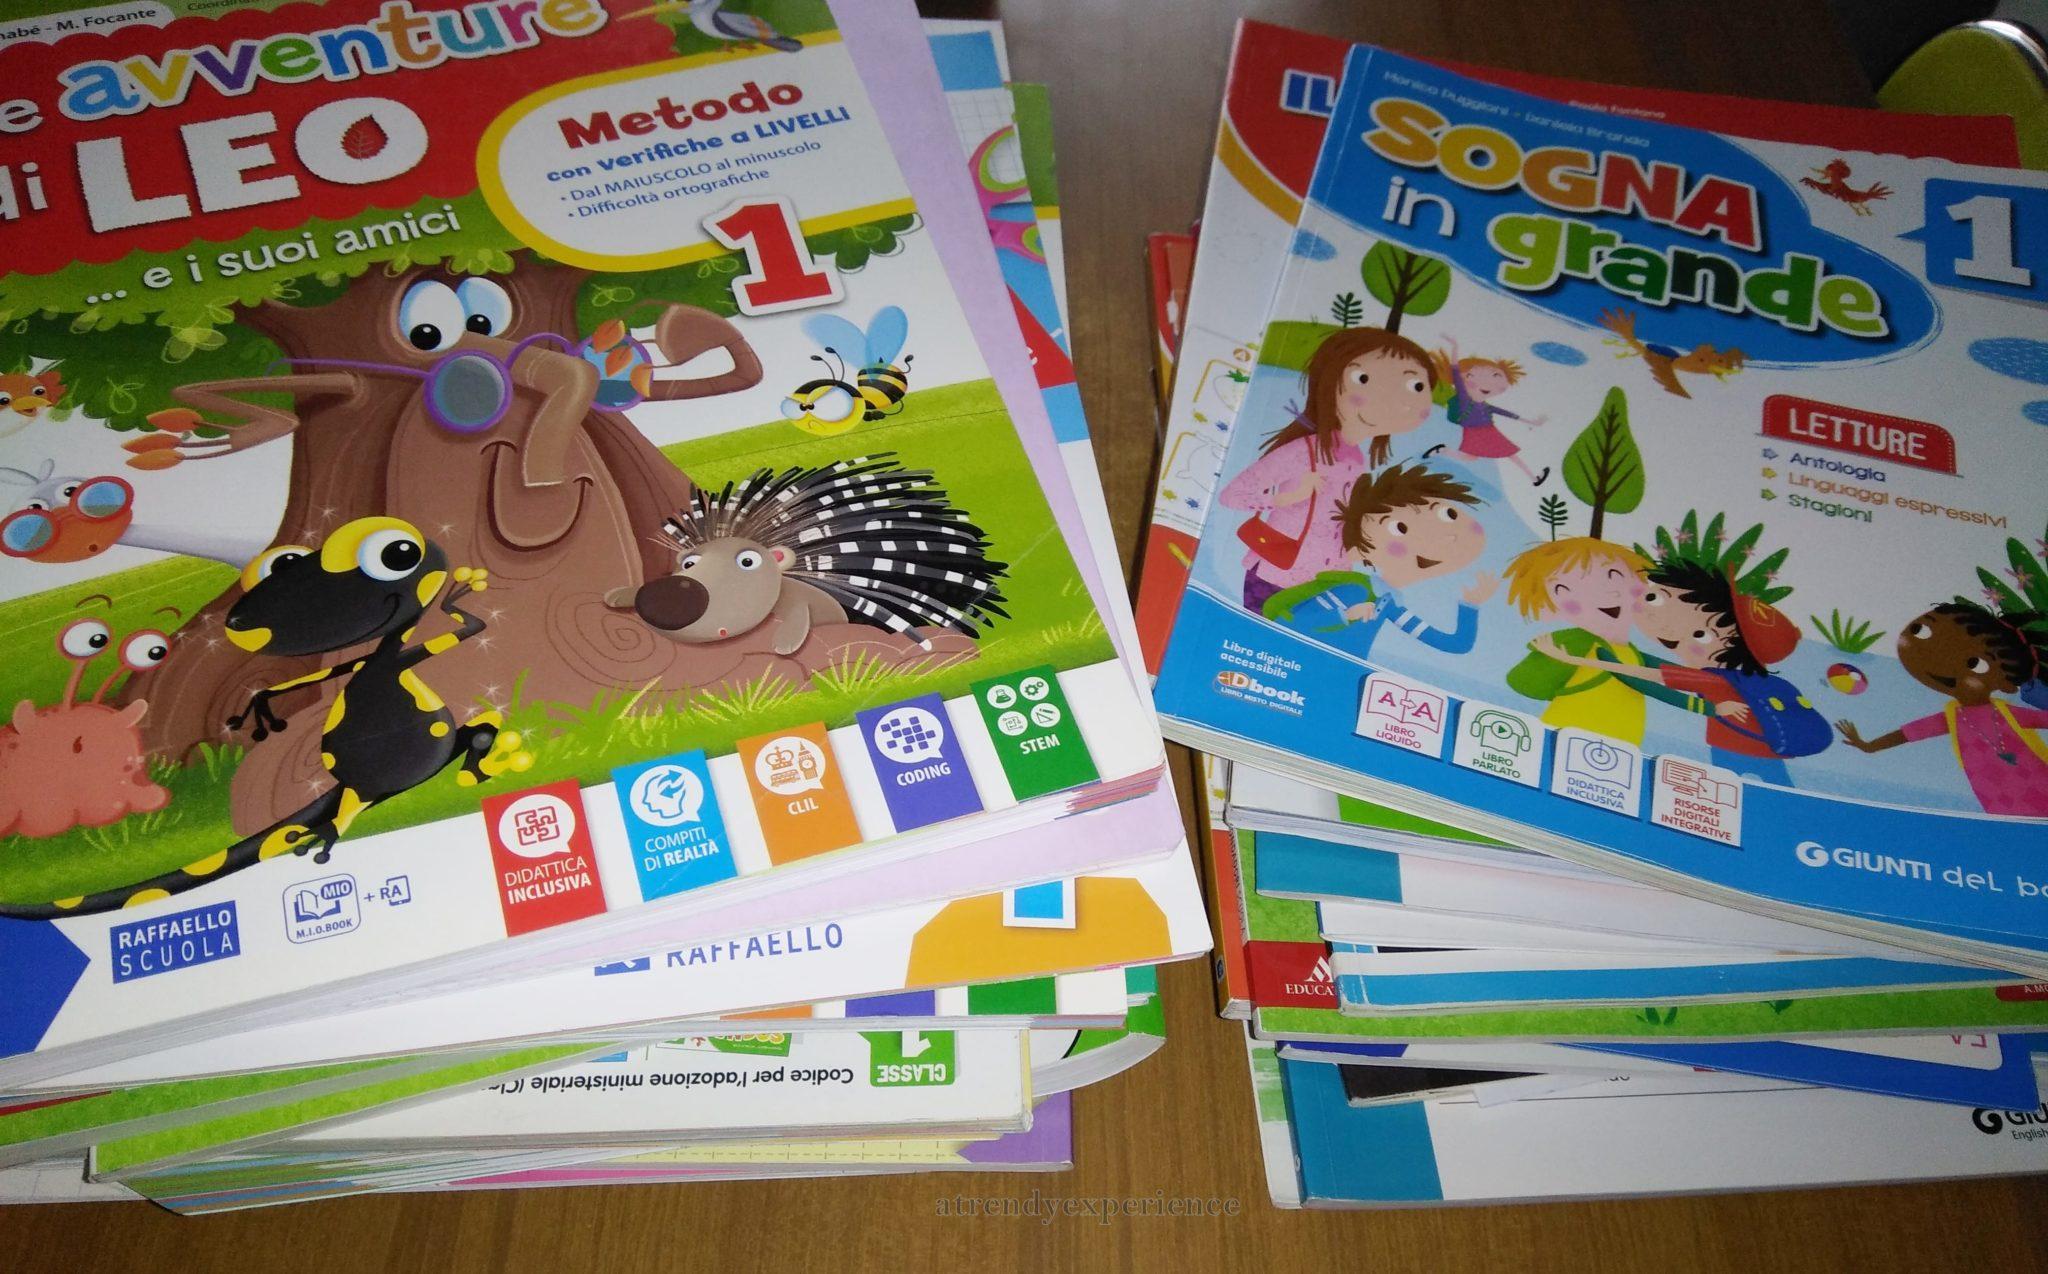 adottare libri scolastici